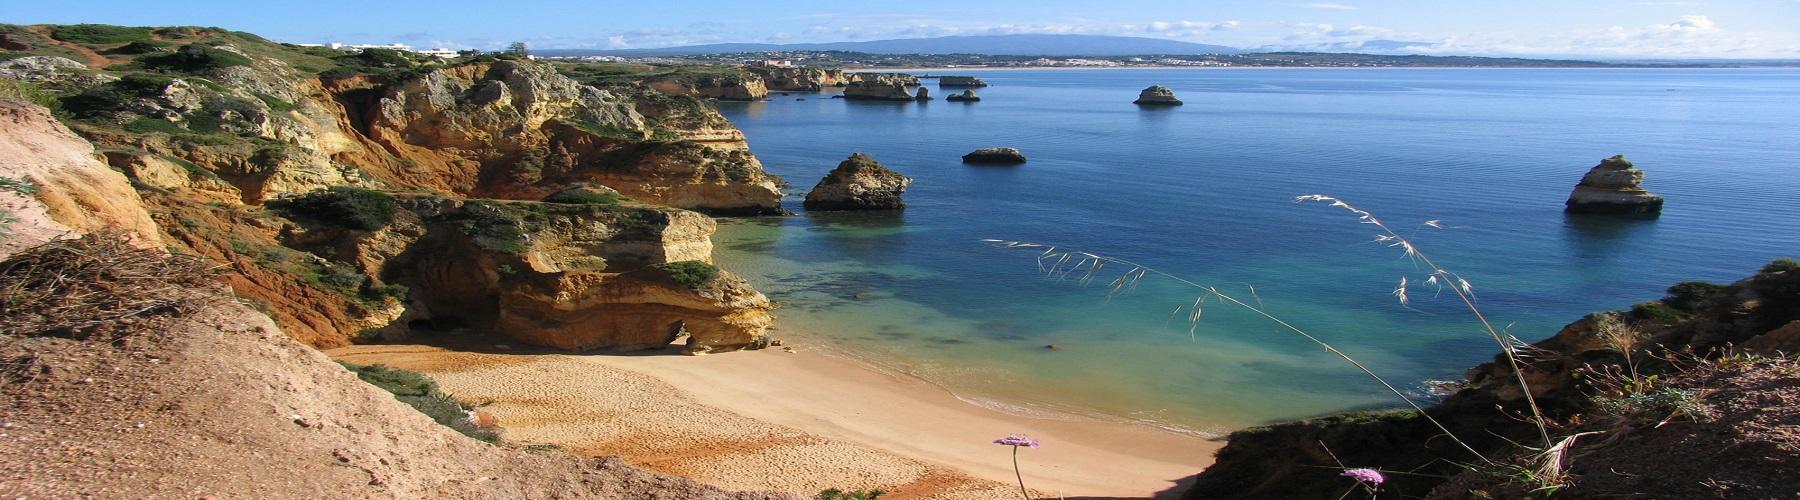 Самостоятельное путешествие в Португалию